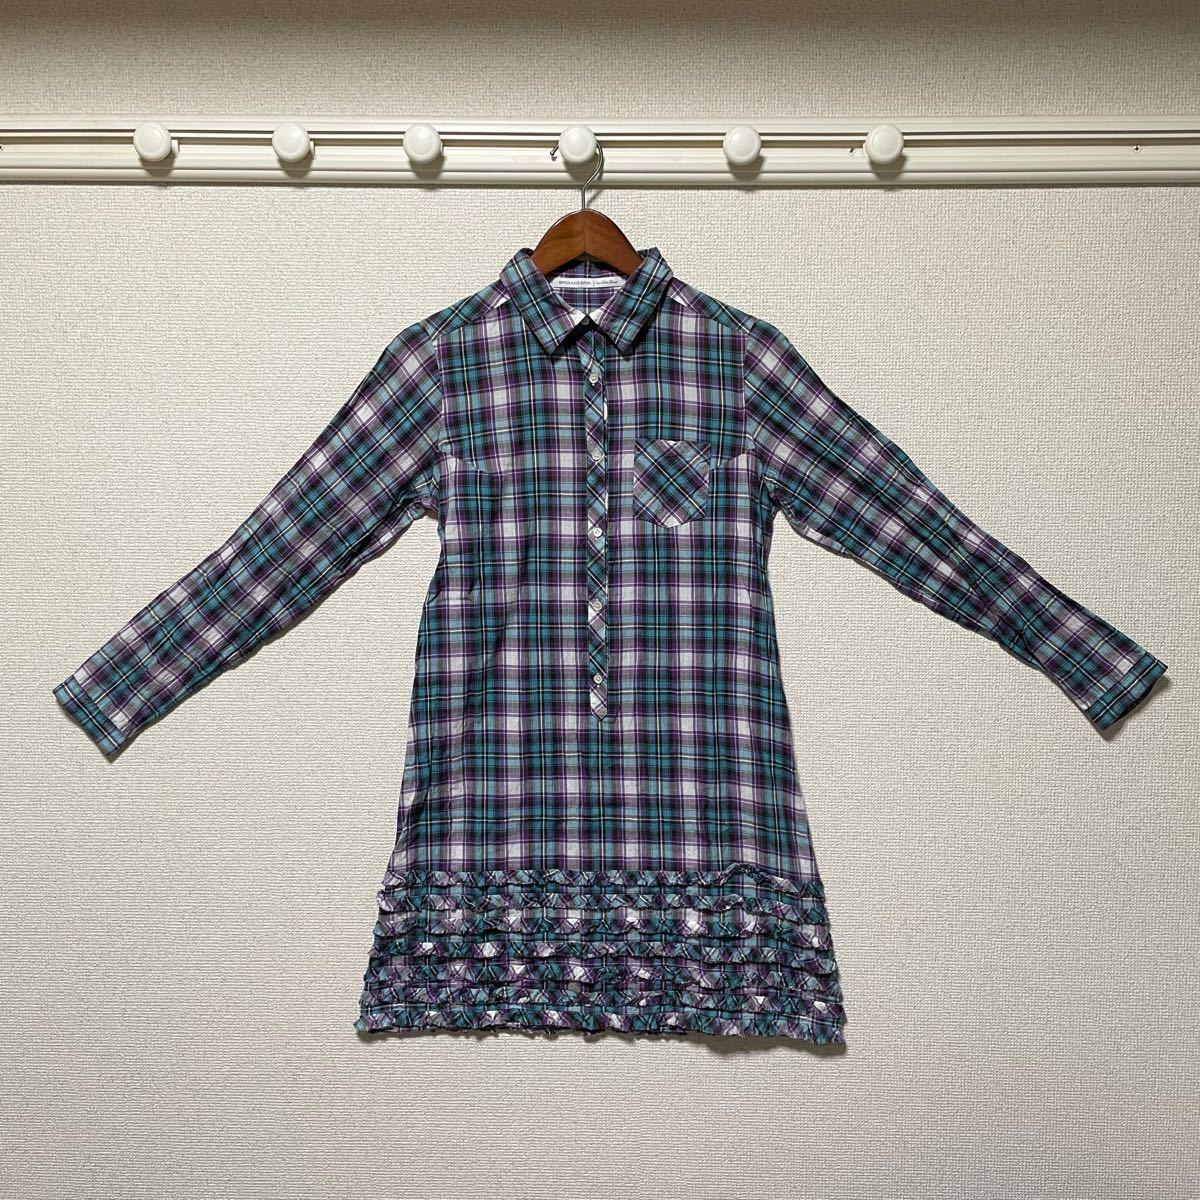 チェックシャツ シャツワンピース ロングワンピース チェック柄 シャツワンピース チュニックワンピース チュニックシャツ